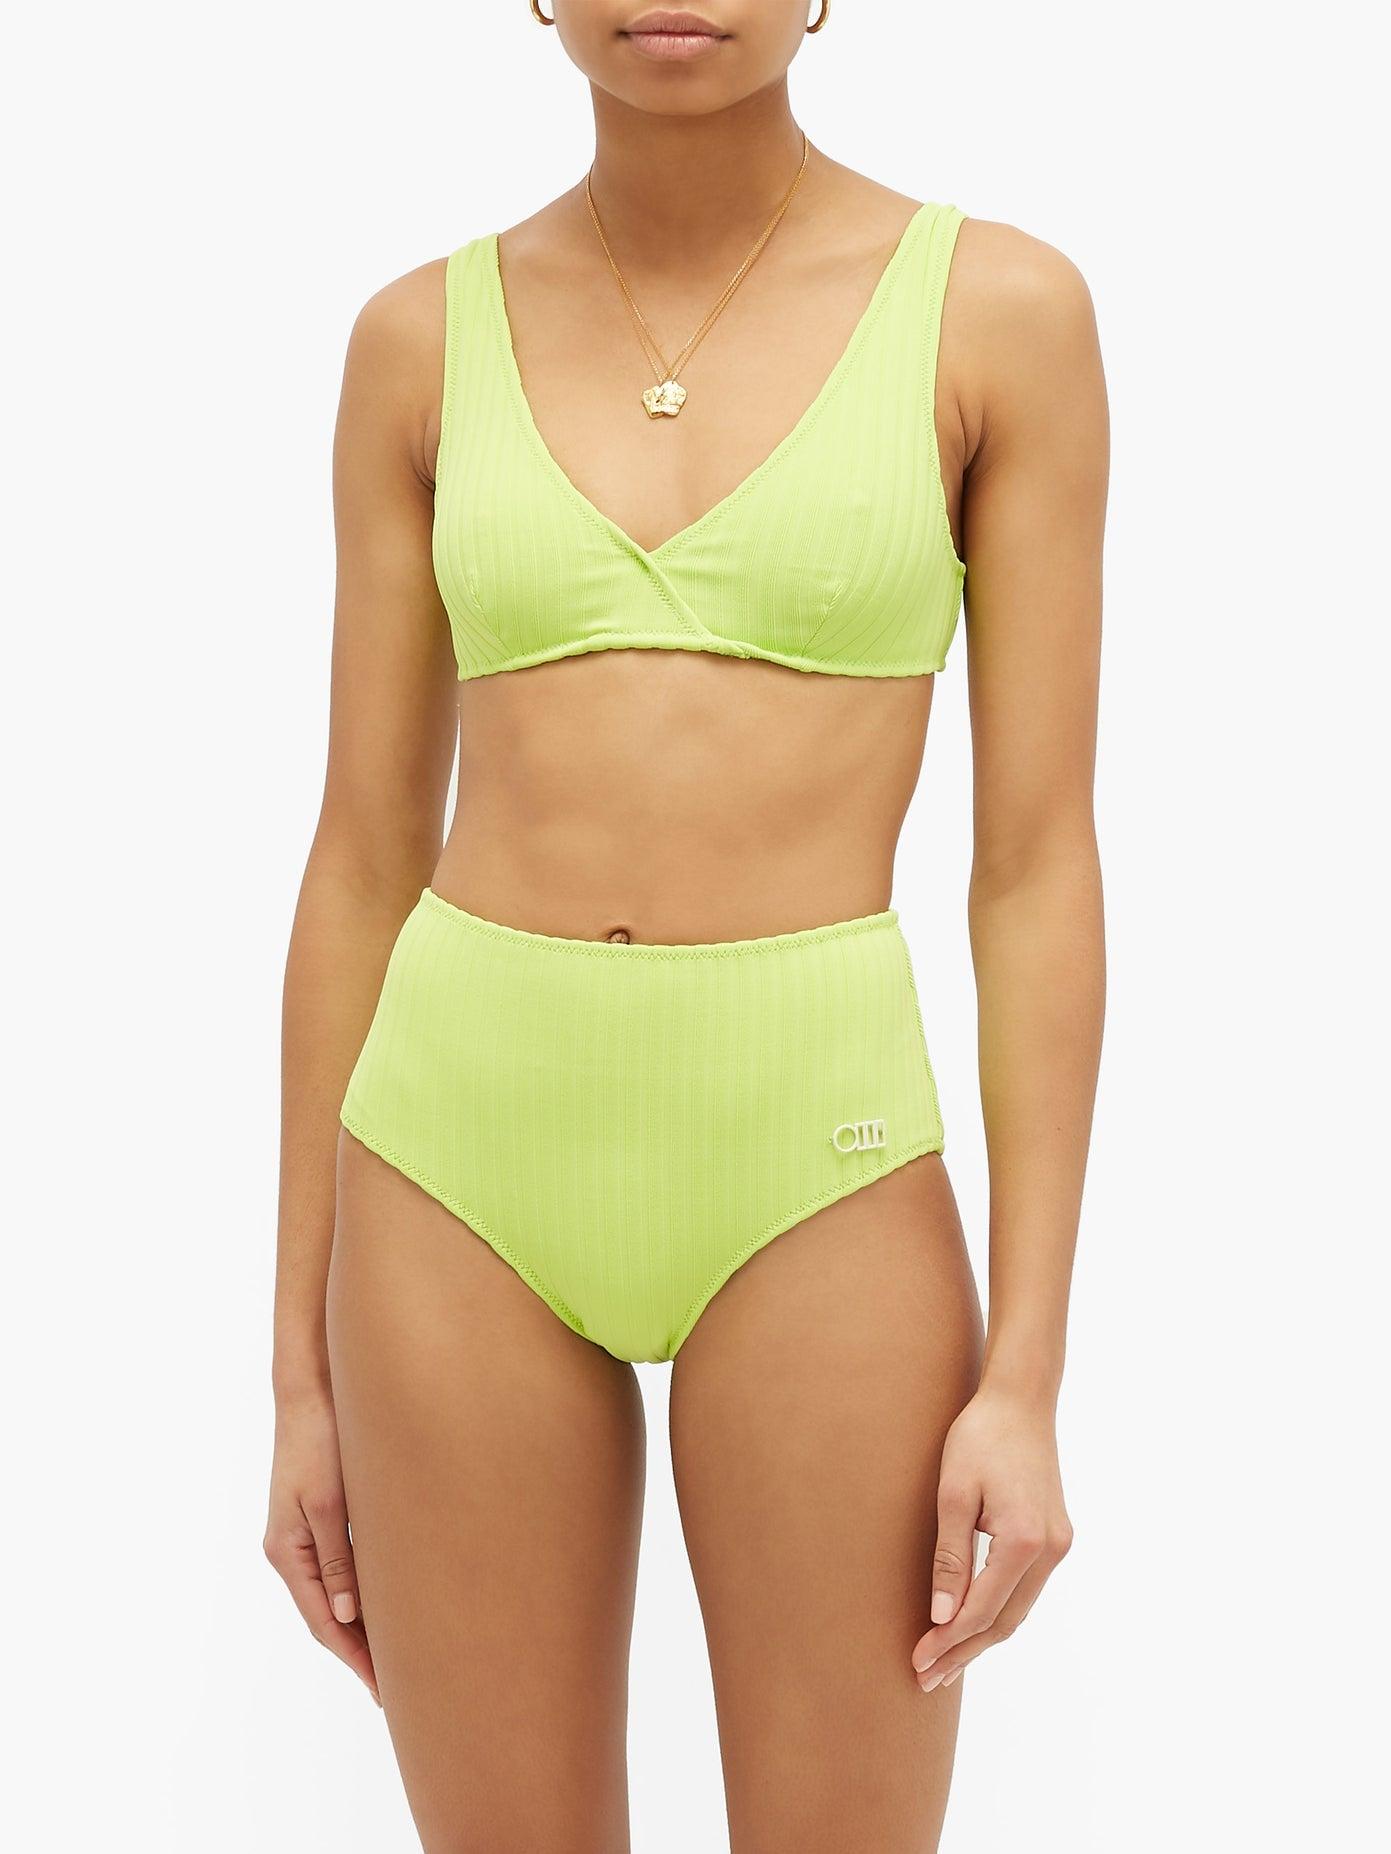 Lili reinhart bikini